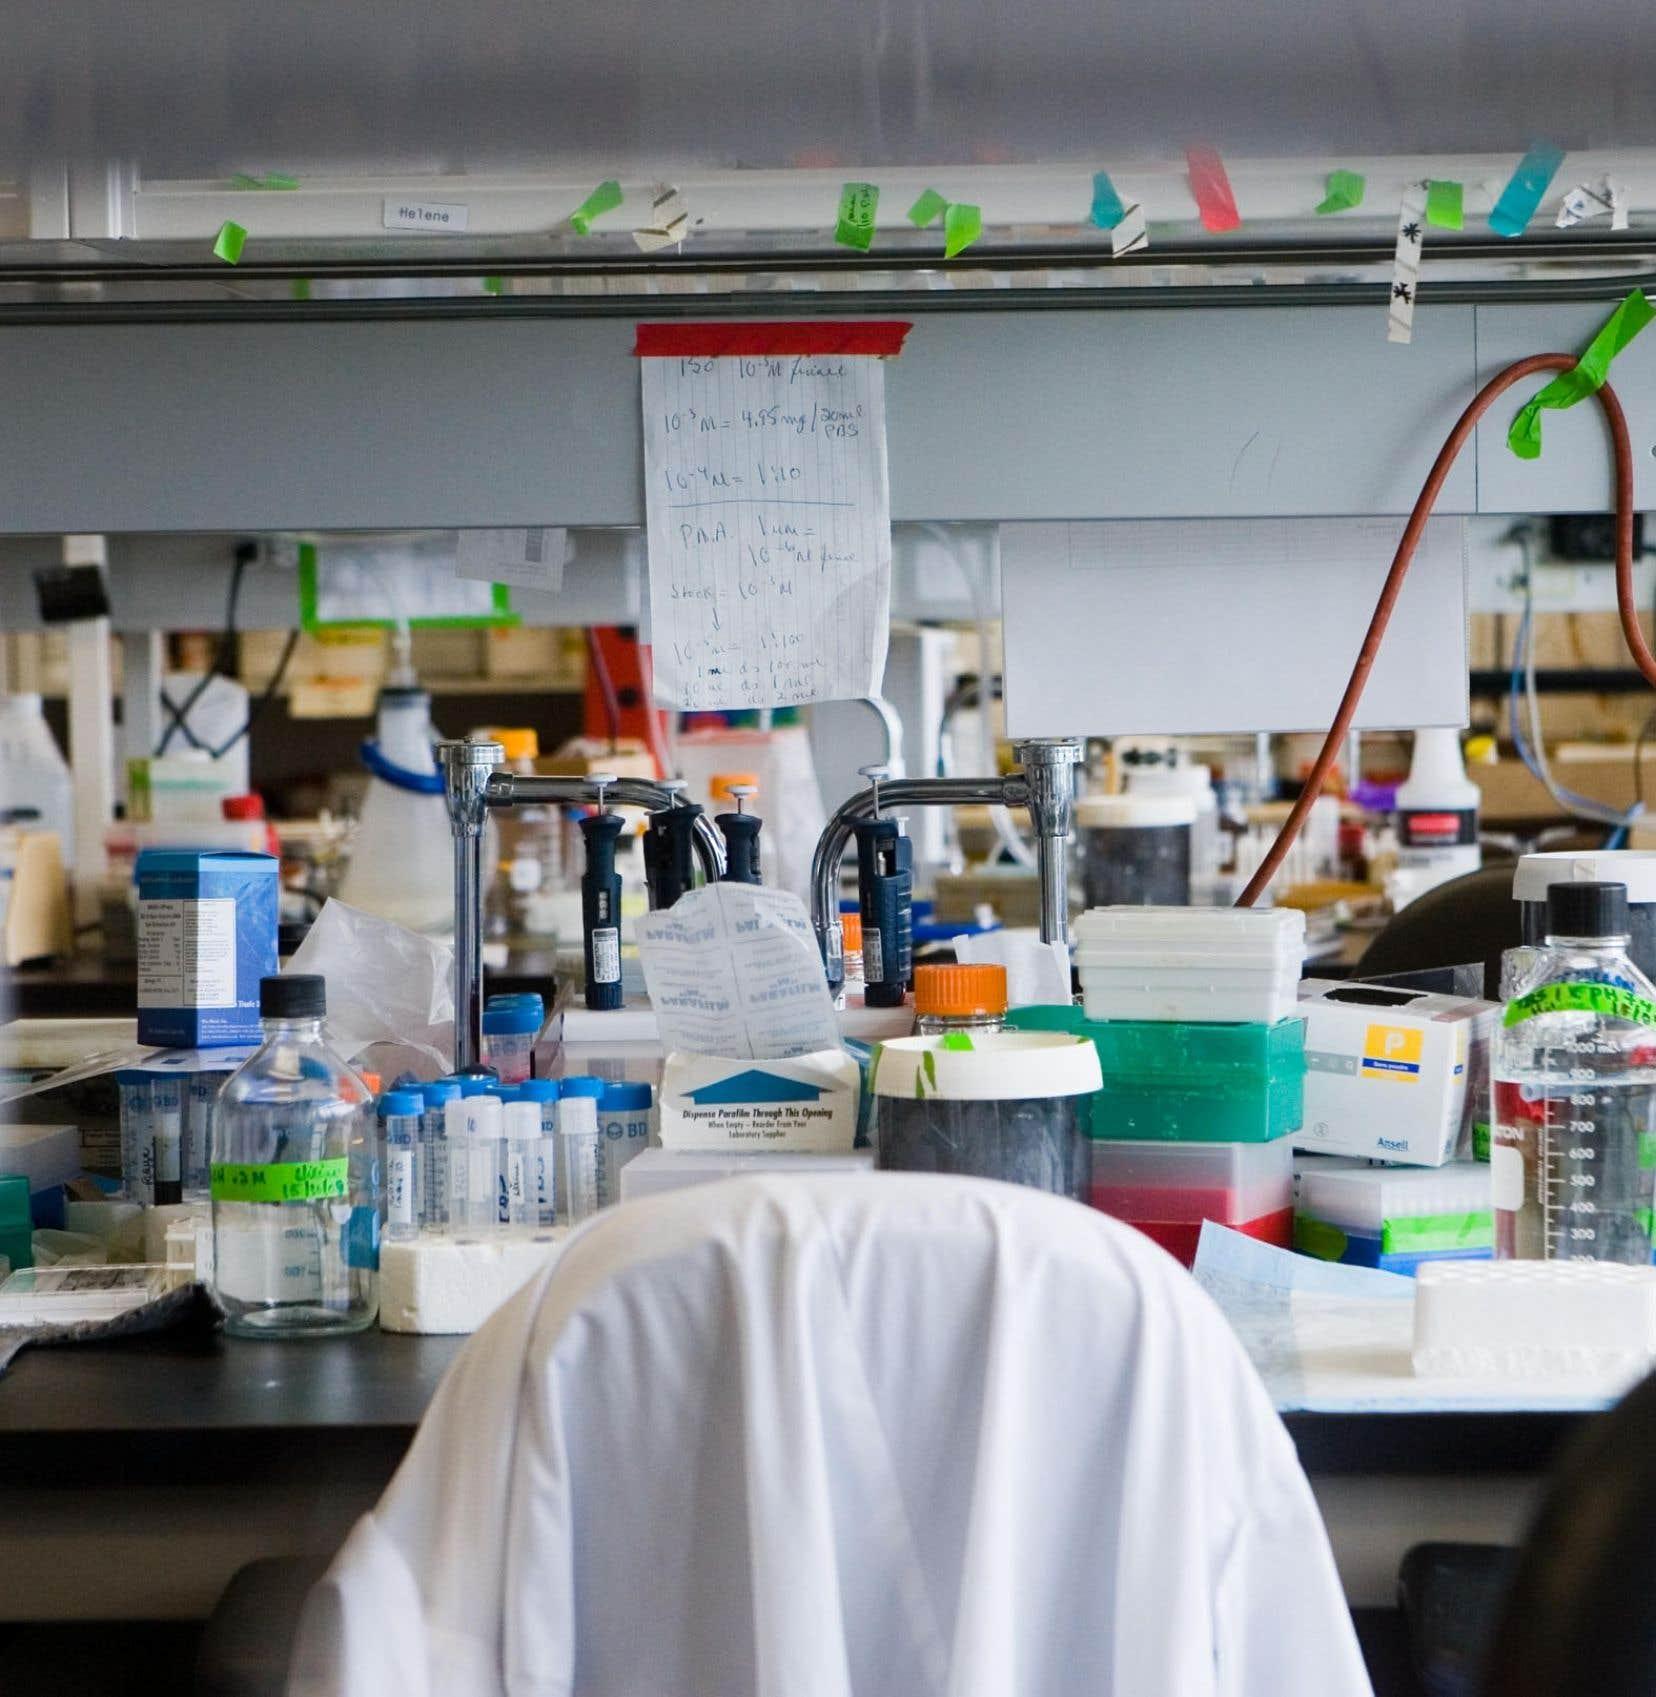 Aujourd'hui, on estime qu'environ 500 chercheurs sont employés par le gouvernement du Québec en comparaison de plus de 13 000 en milieu universitaire et près de 28 000 en entreprises.